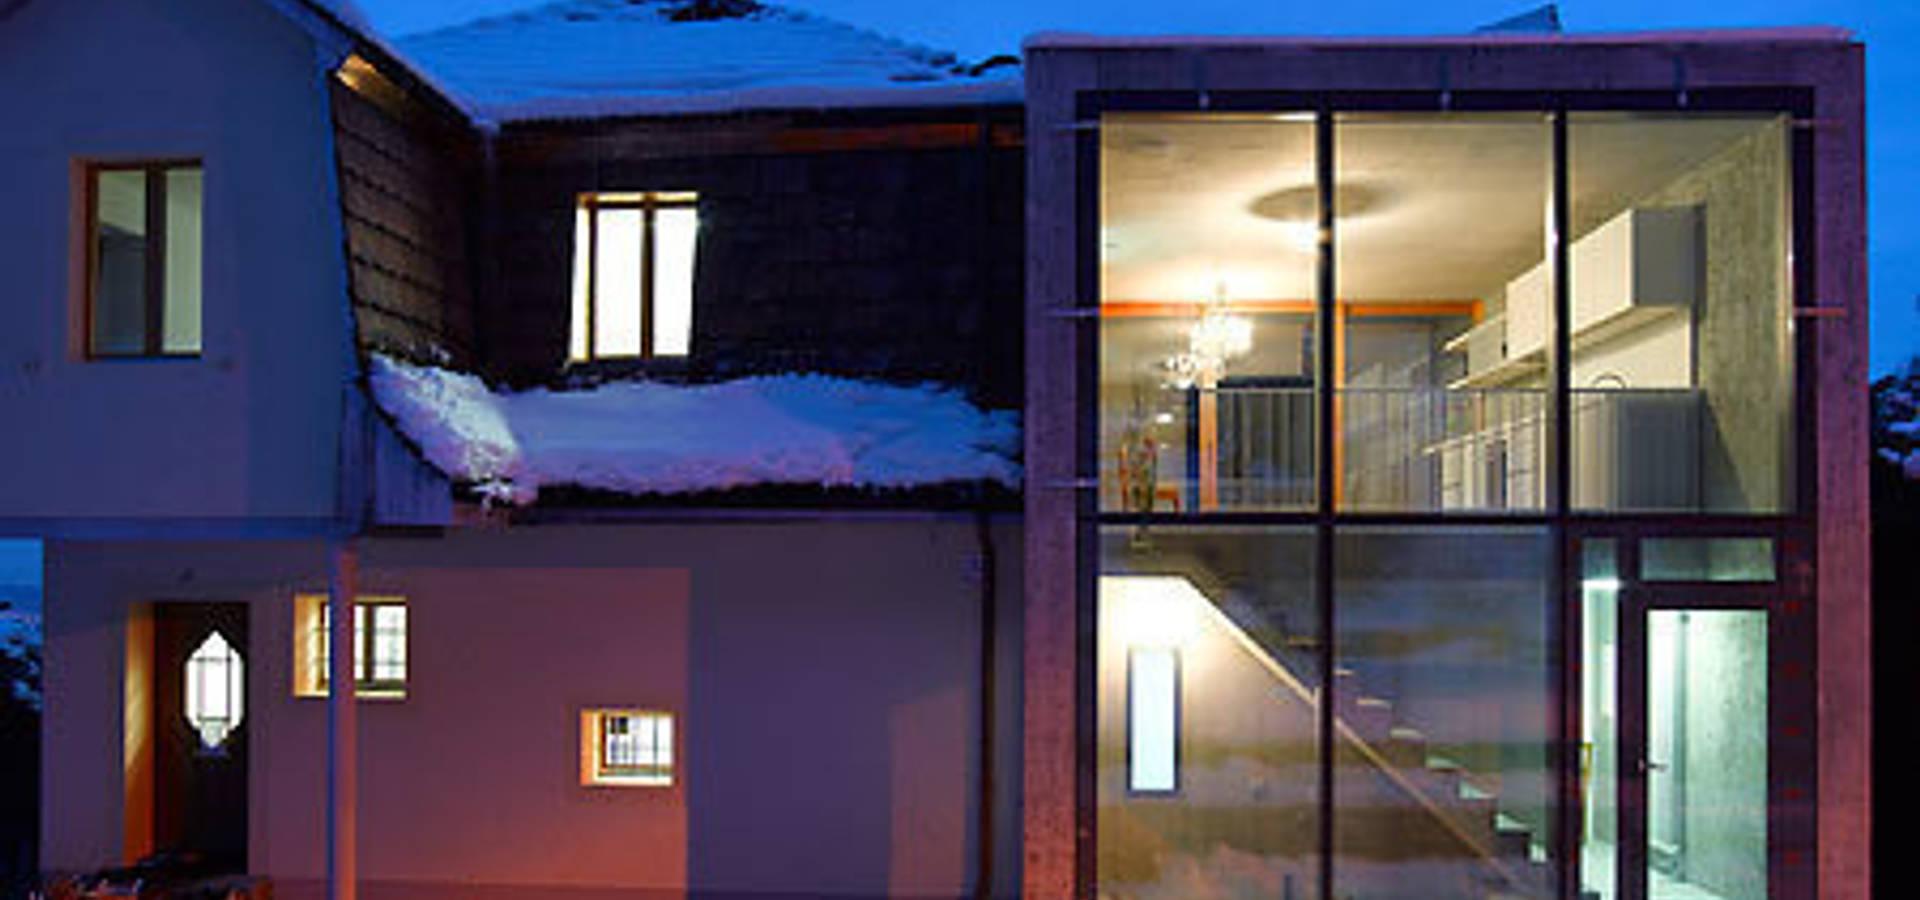 erweiterung und umnutzung wohnhaus biel von sim architekten gmbh homify. Black Bedroom Furniture Sets. Home Design Ideas